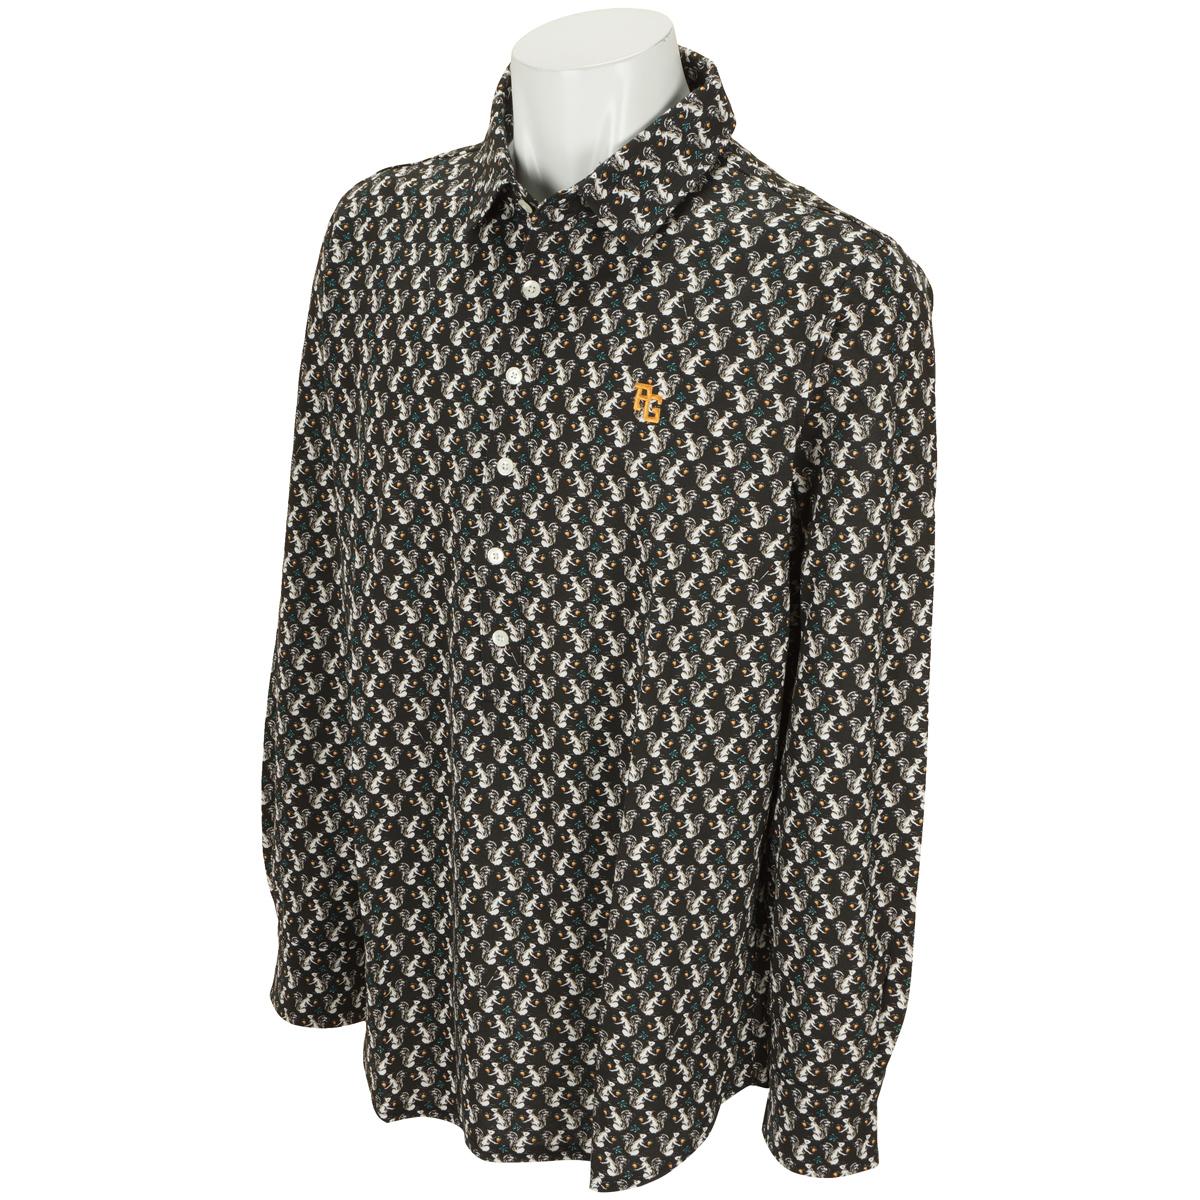 ハイゲージ度詰ポンチ リス柄プリント 長袖ポロシャツ